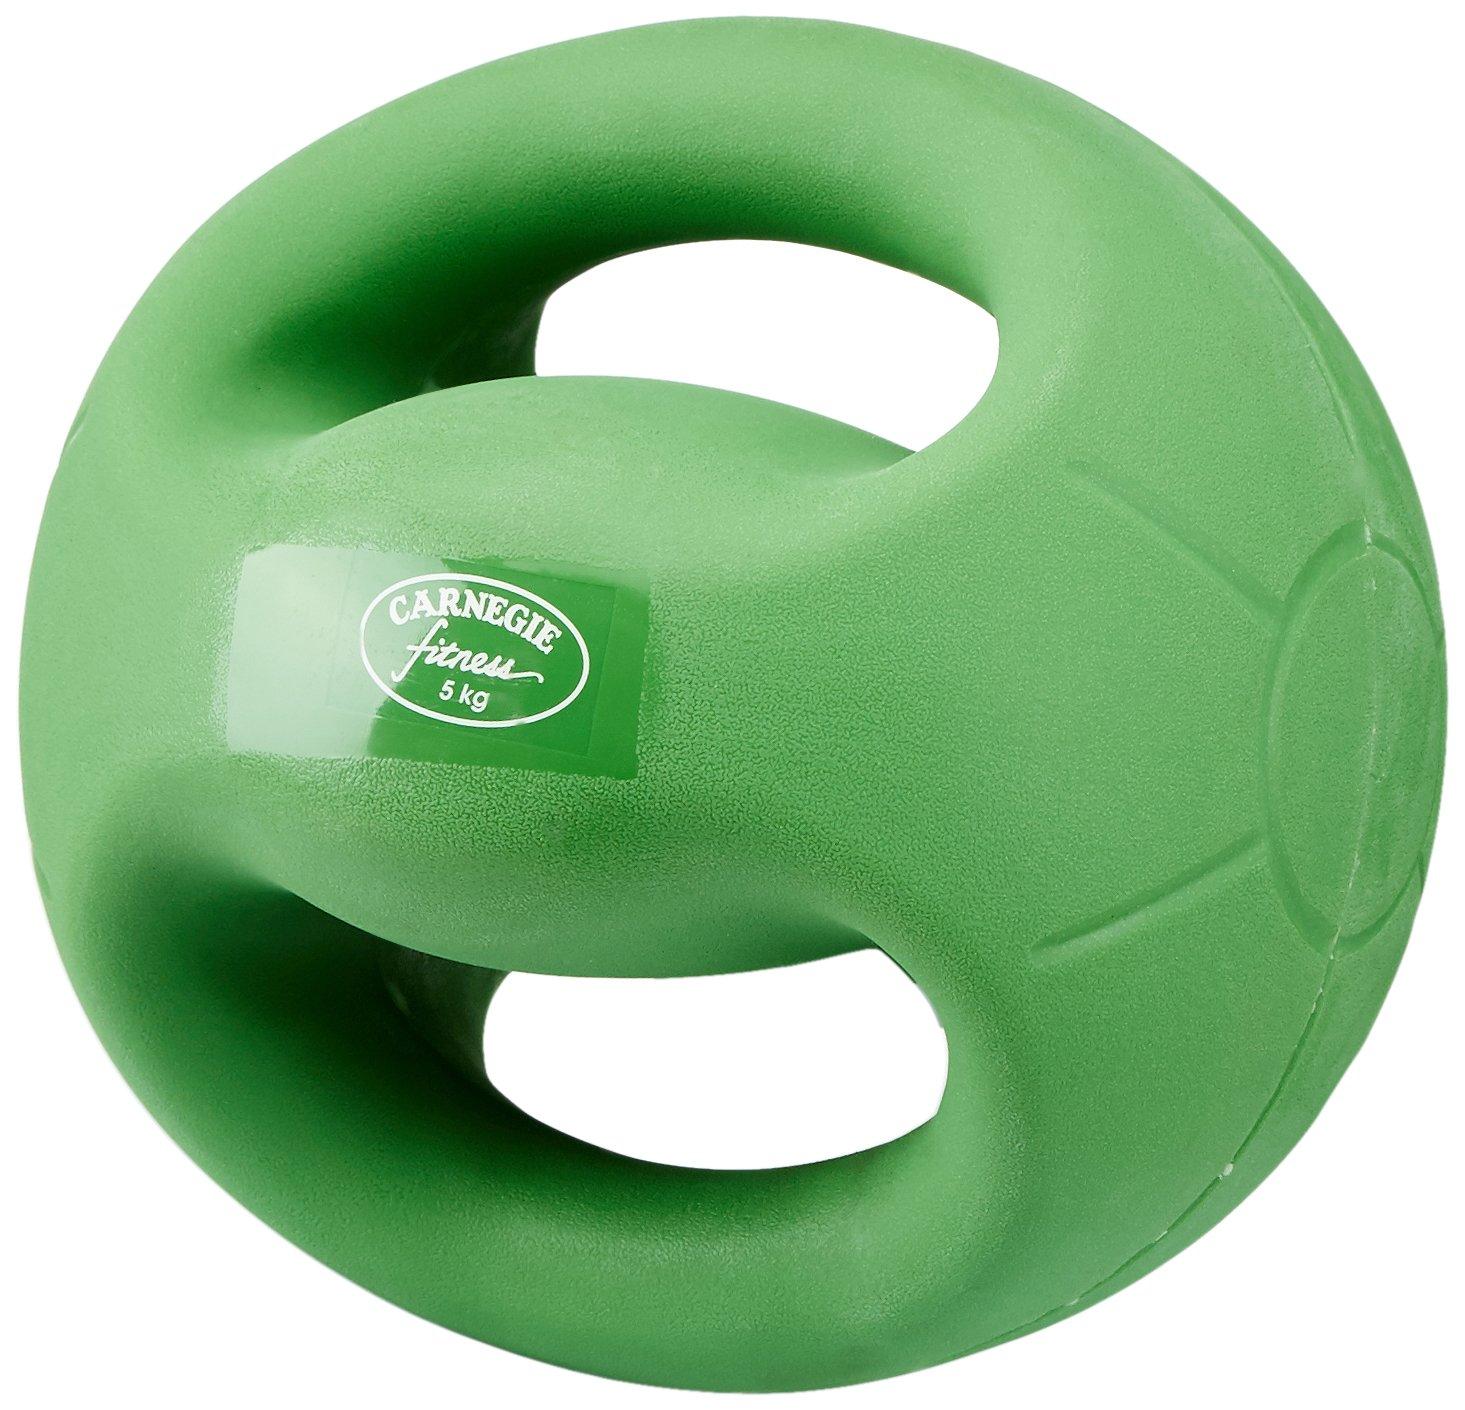 Carnegie 5 kg de Fuerza de fútbol balón Medicinal con Asas Fitness Peso  Pelota de Entrenamiento  Amazon.es  Deportes y aire libre 9f0af83c3d55